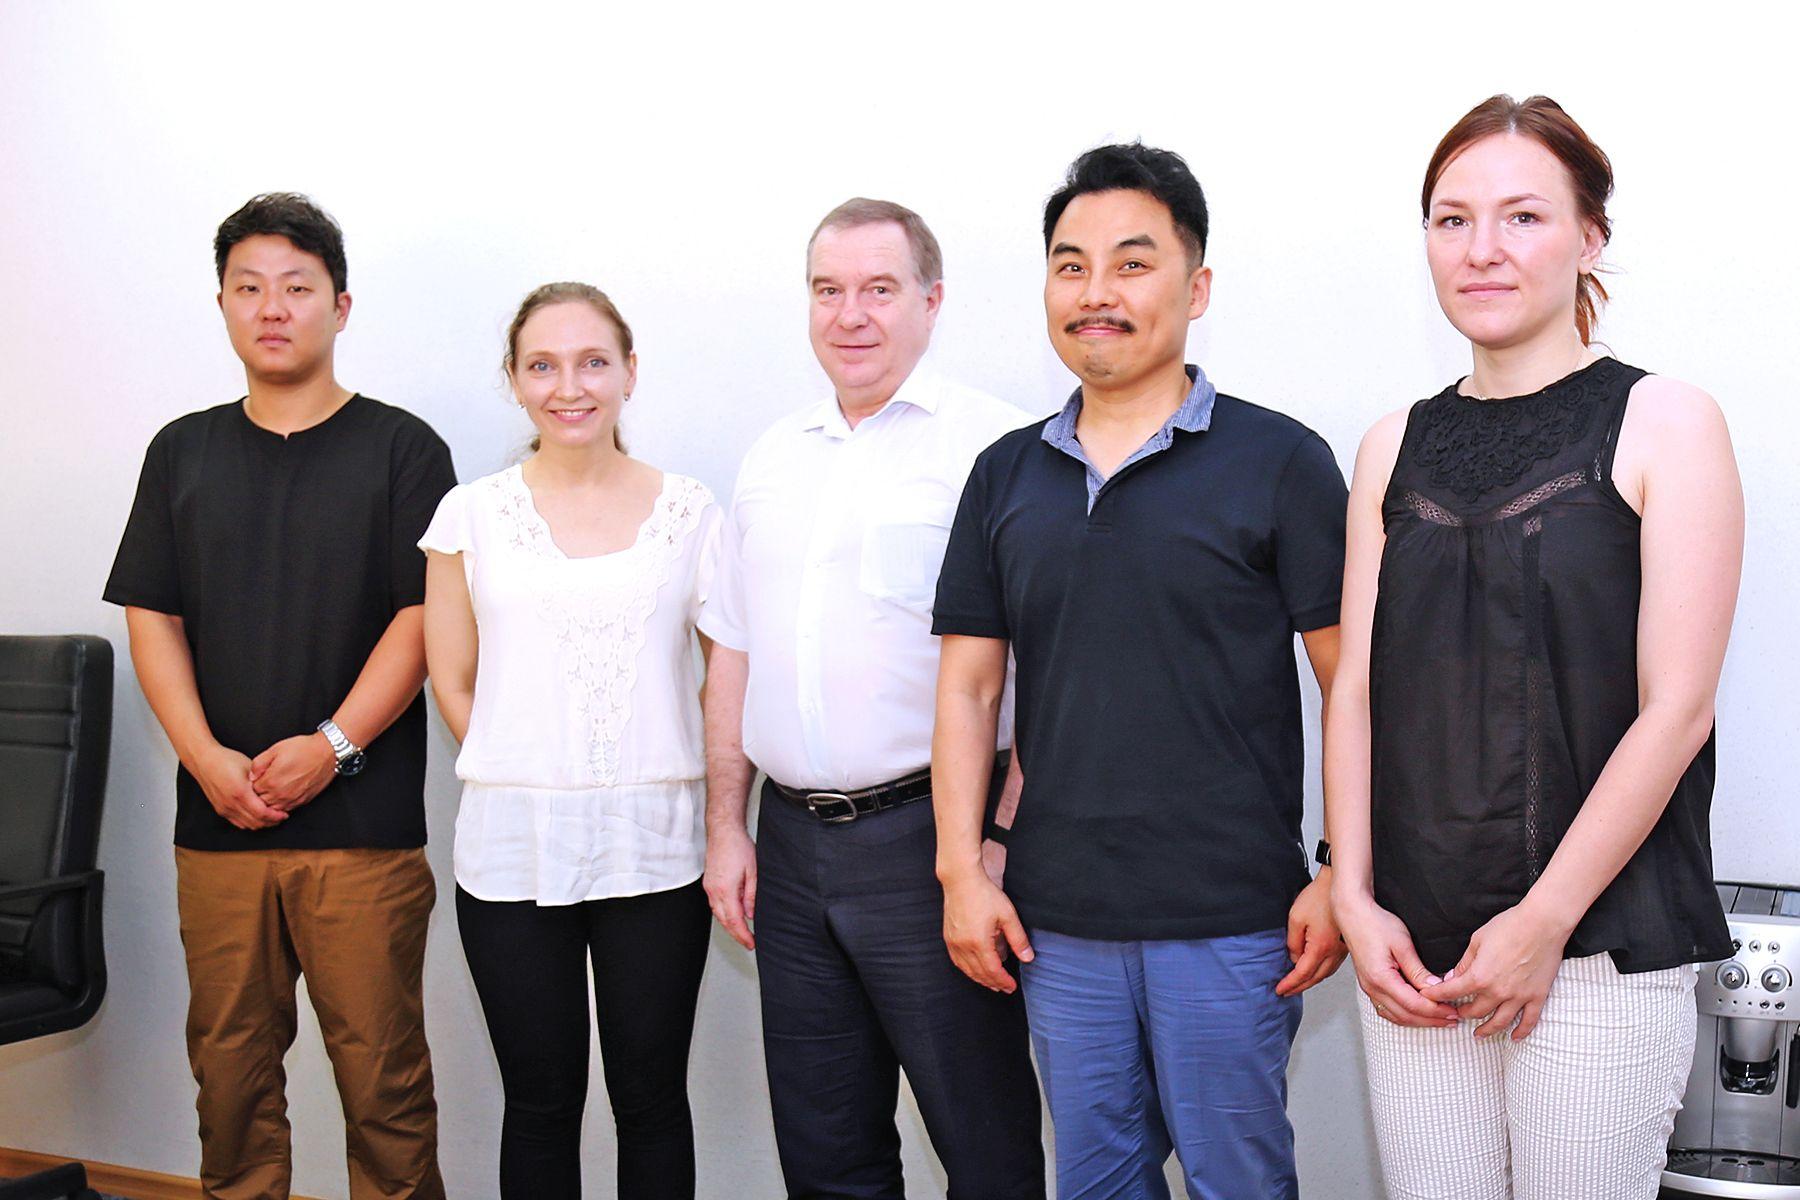 Студенты ВГУЭС смогут пройти курс МВА в престижном университете Республики Корея